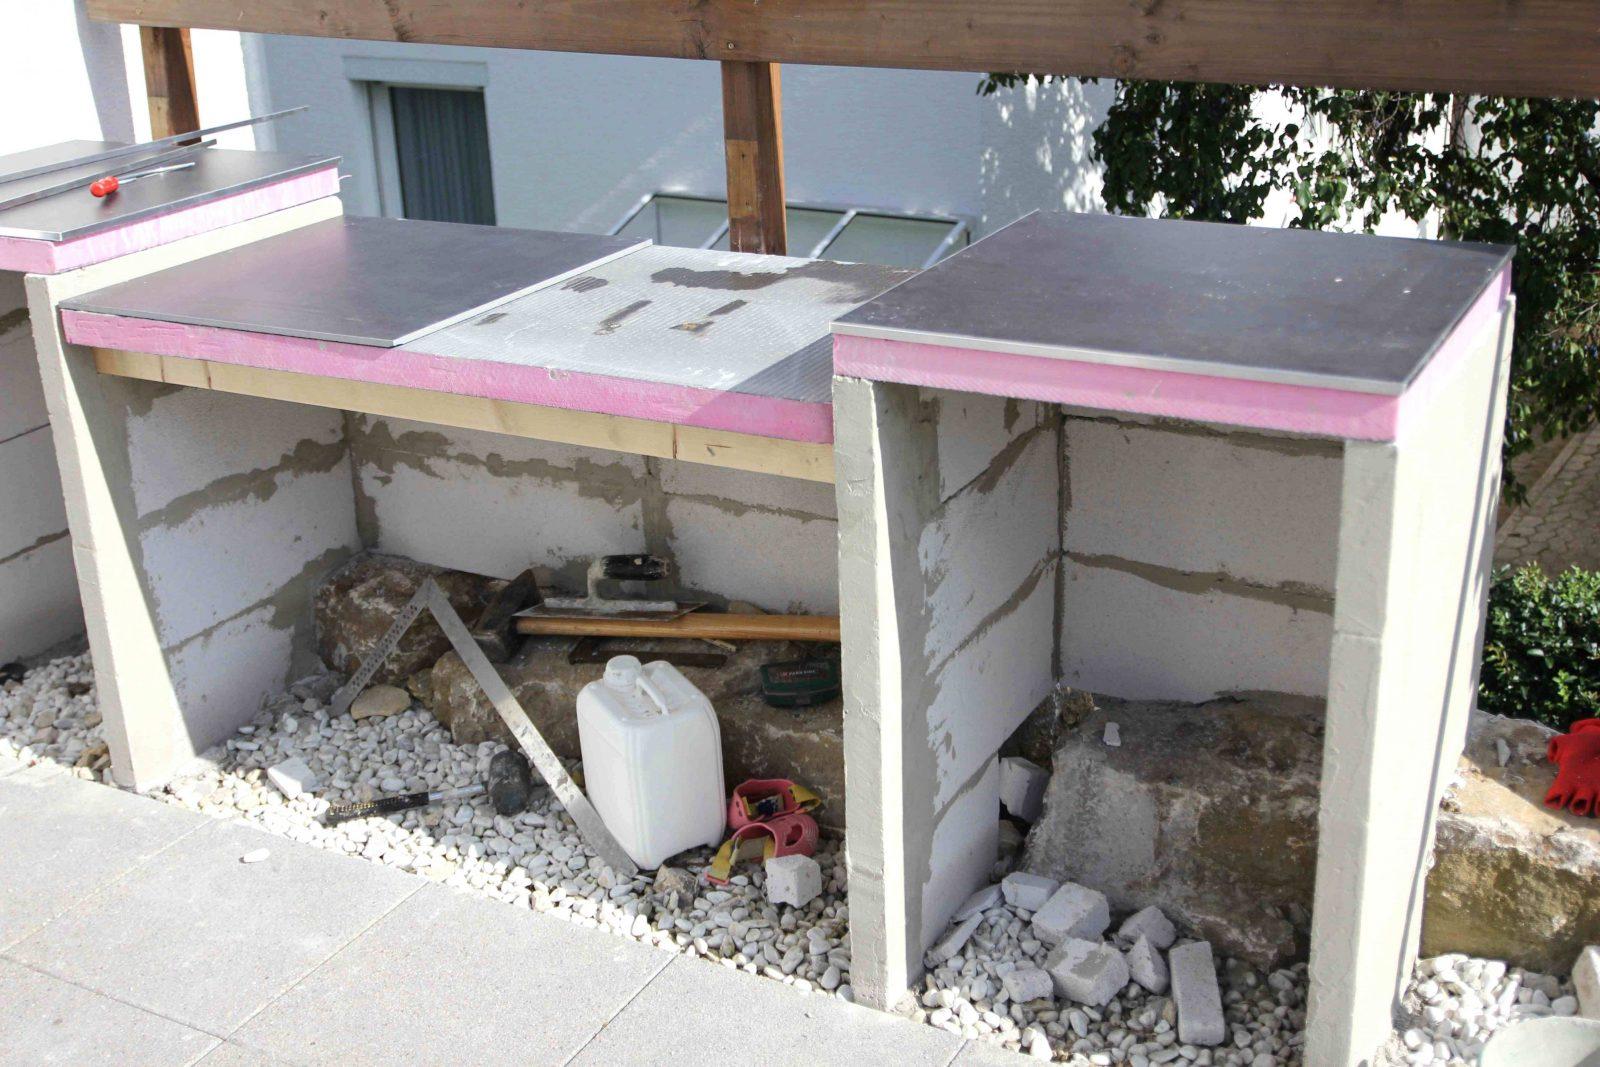 Outdoor Küchen Selbst Gebaut : Outdoor küche selber bauen kochen von außenküche selber bauen holz